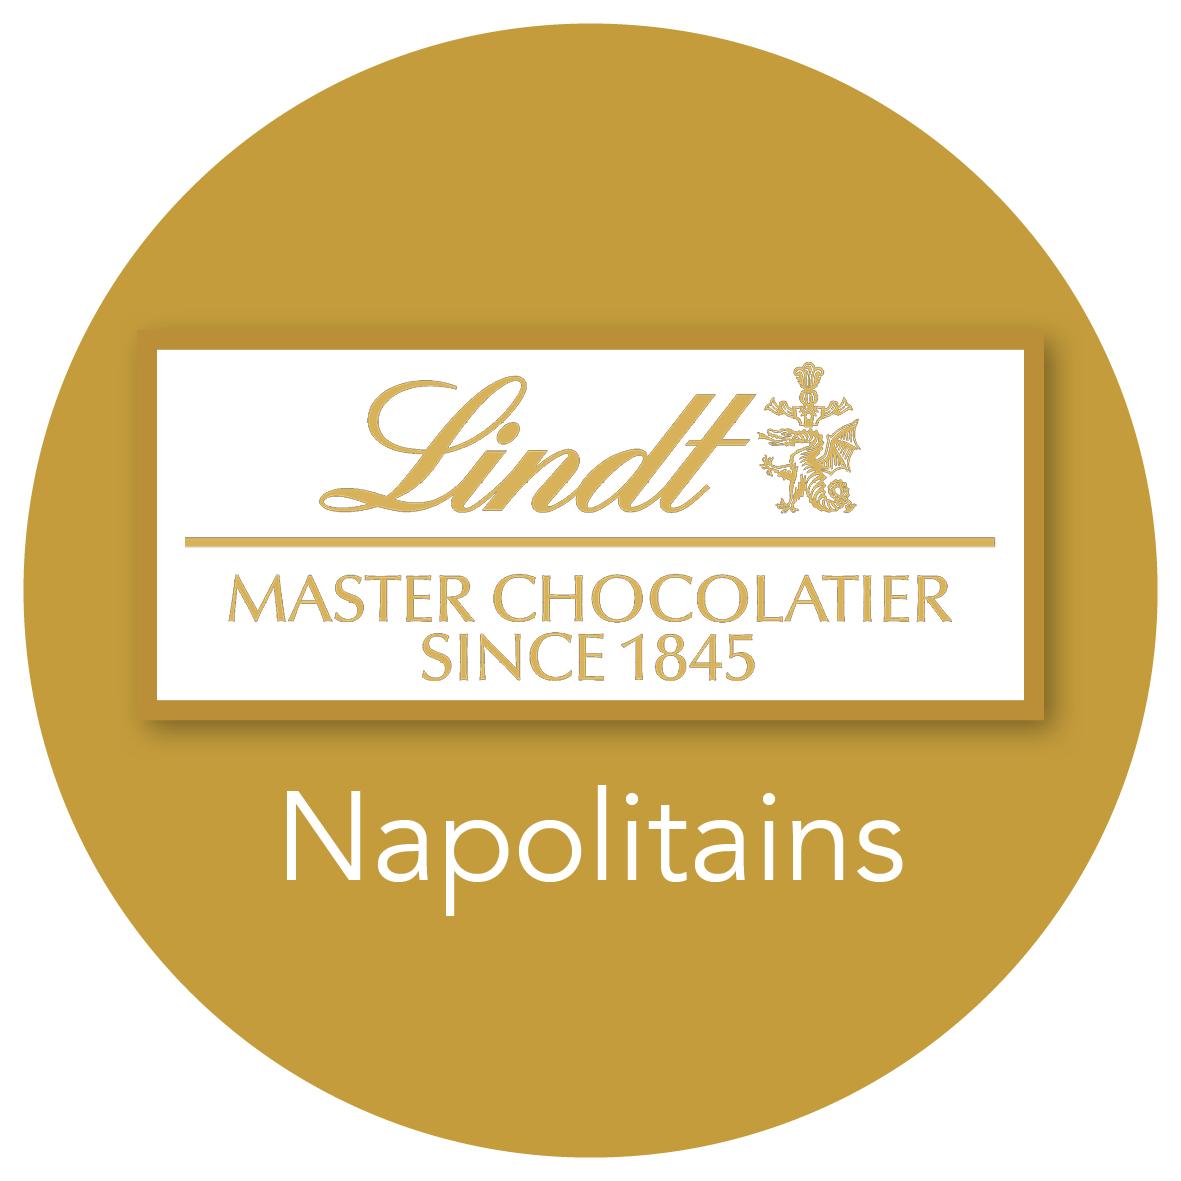 Adventskalender mit Lindt-Napolitains